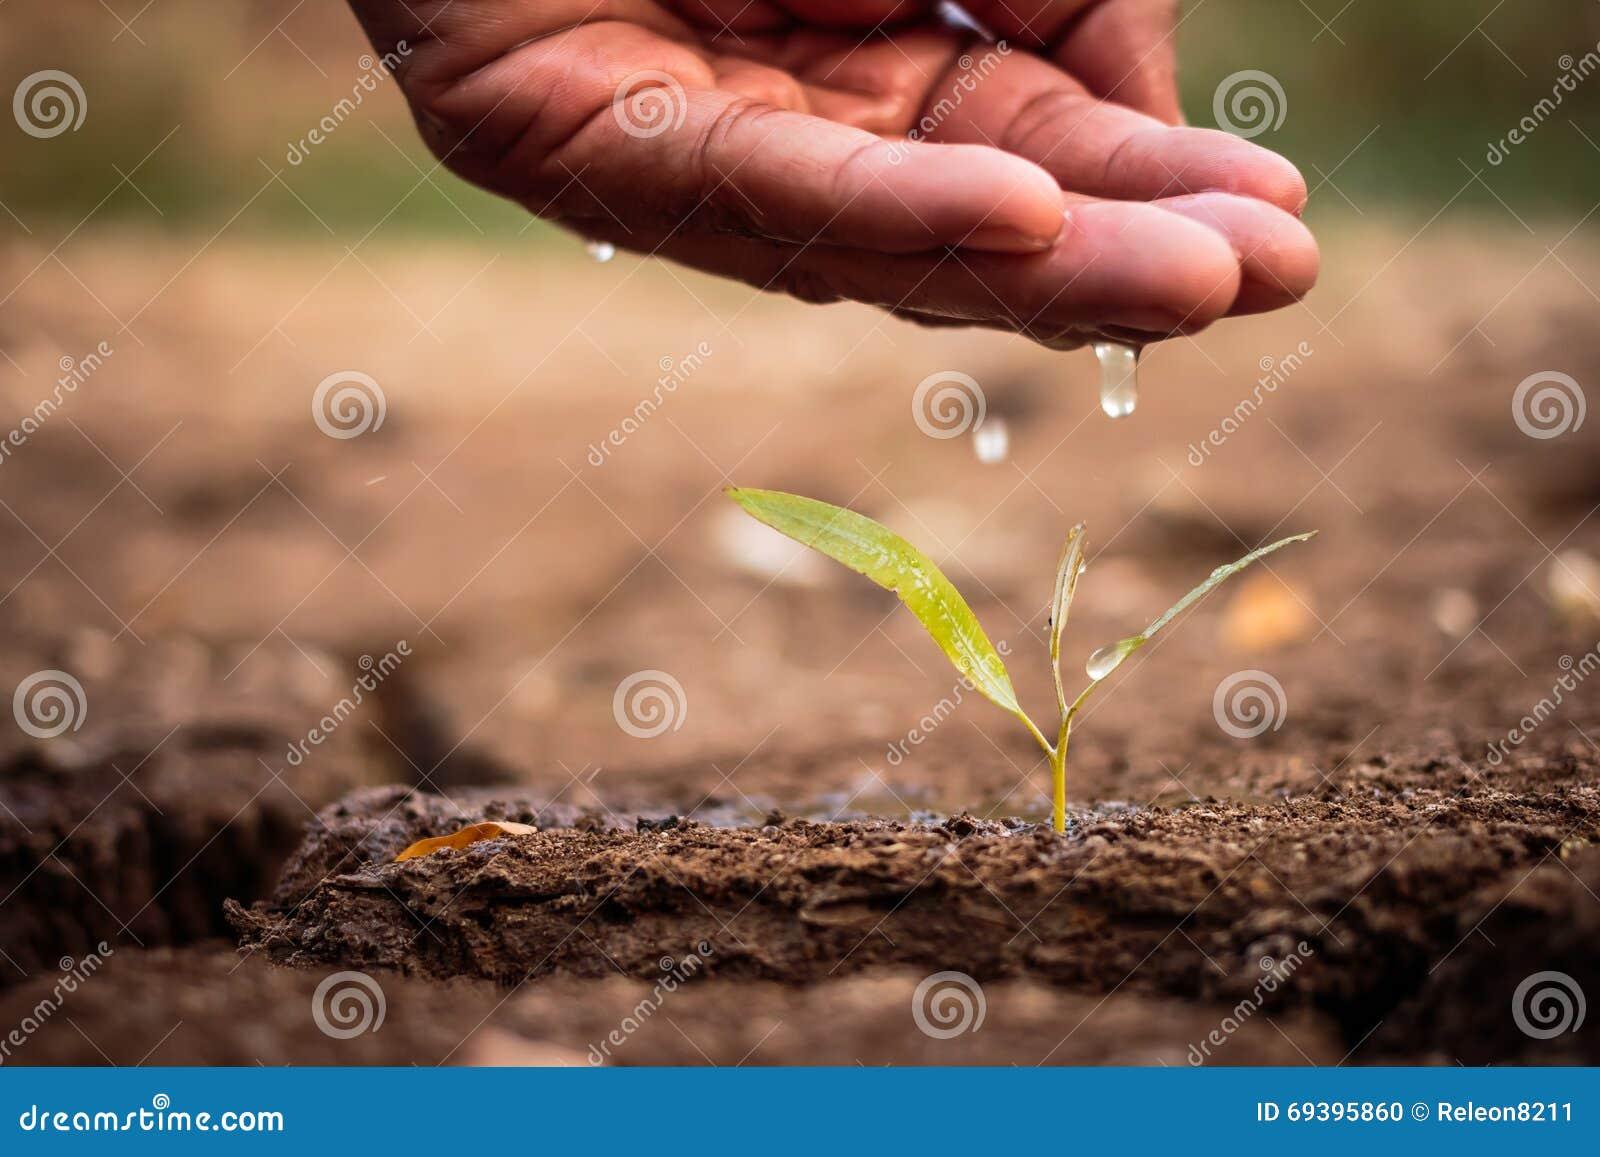 Ręka nawadnia ziemię jałową